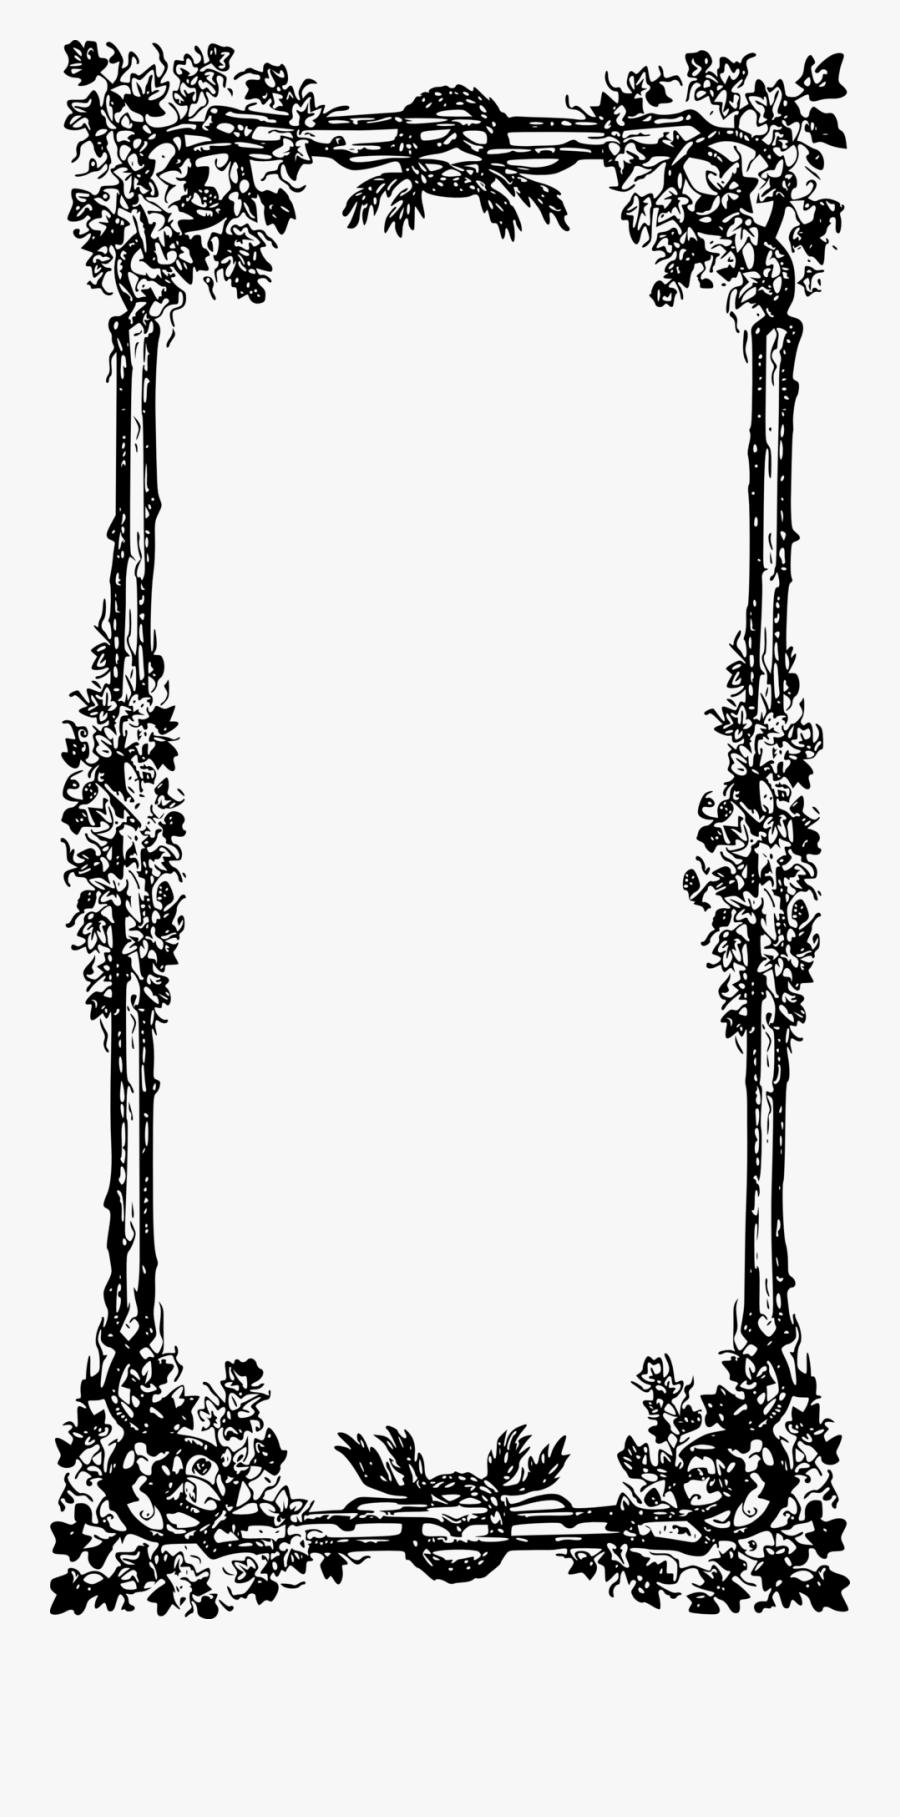 إطار ابيض و اسود, Transparent Clipart